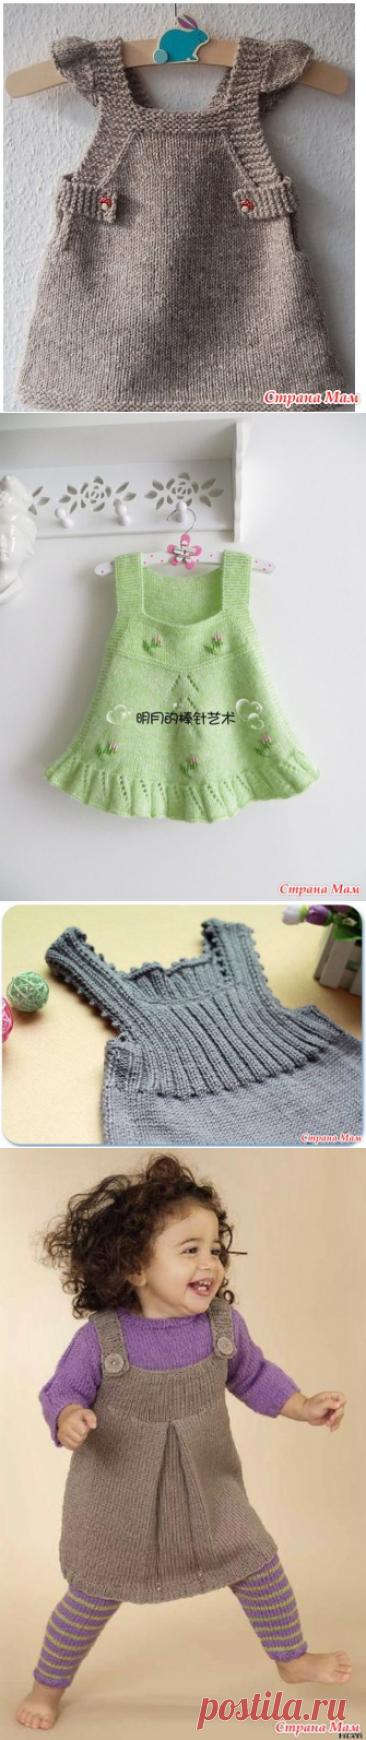 * Podborochka of sundresses for girls spokes - Knitting for children - the Country of Mothers